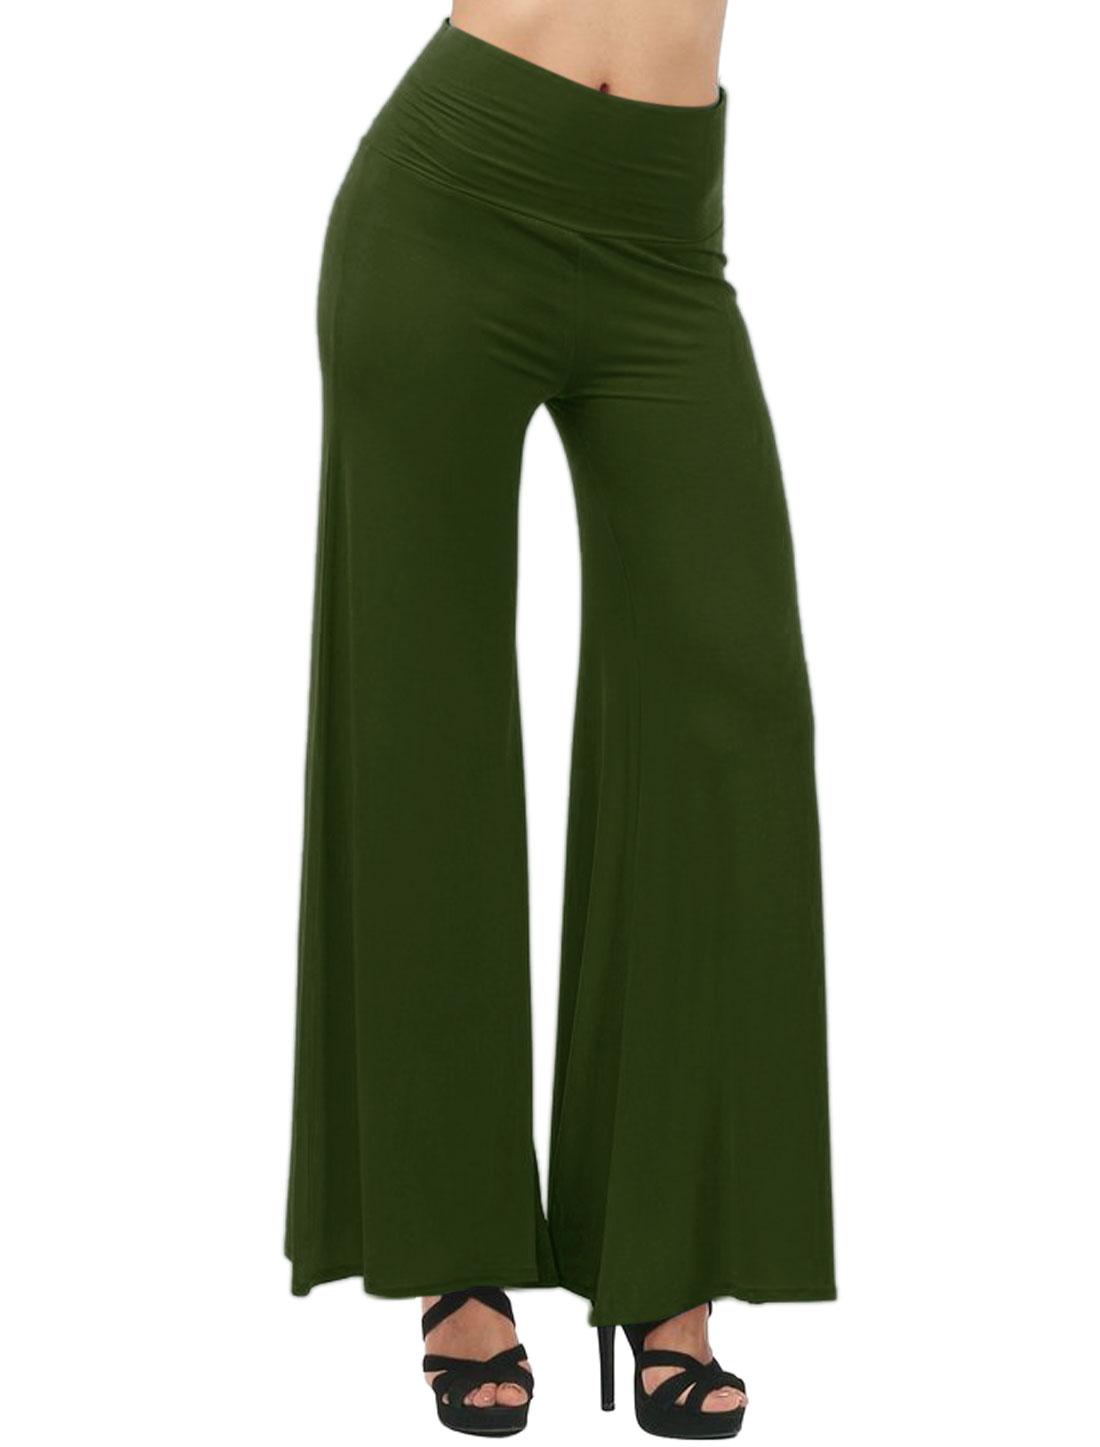 Women High Waist Full Length Stretchy Wide Legs Pants Dark Green XL